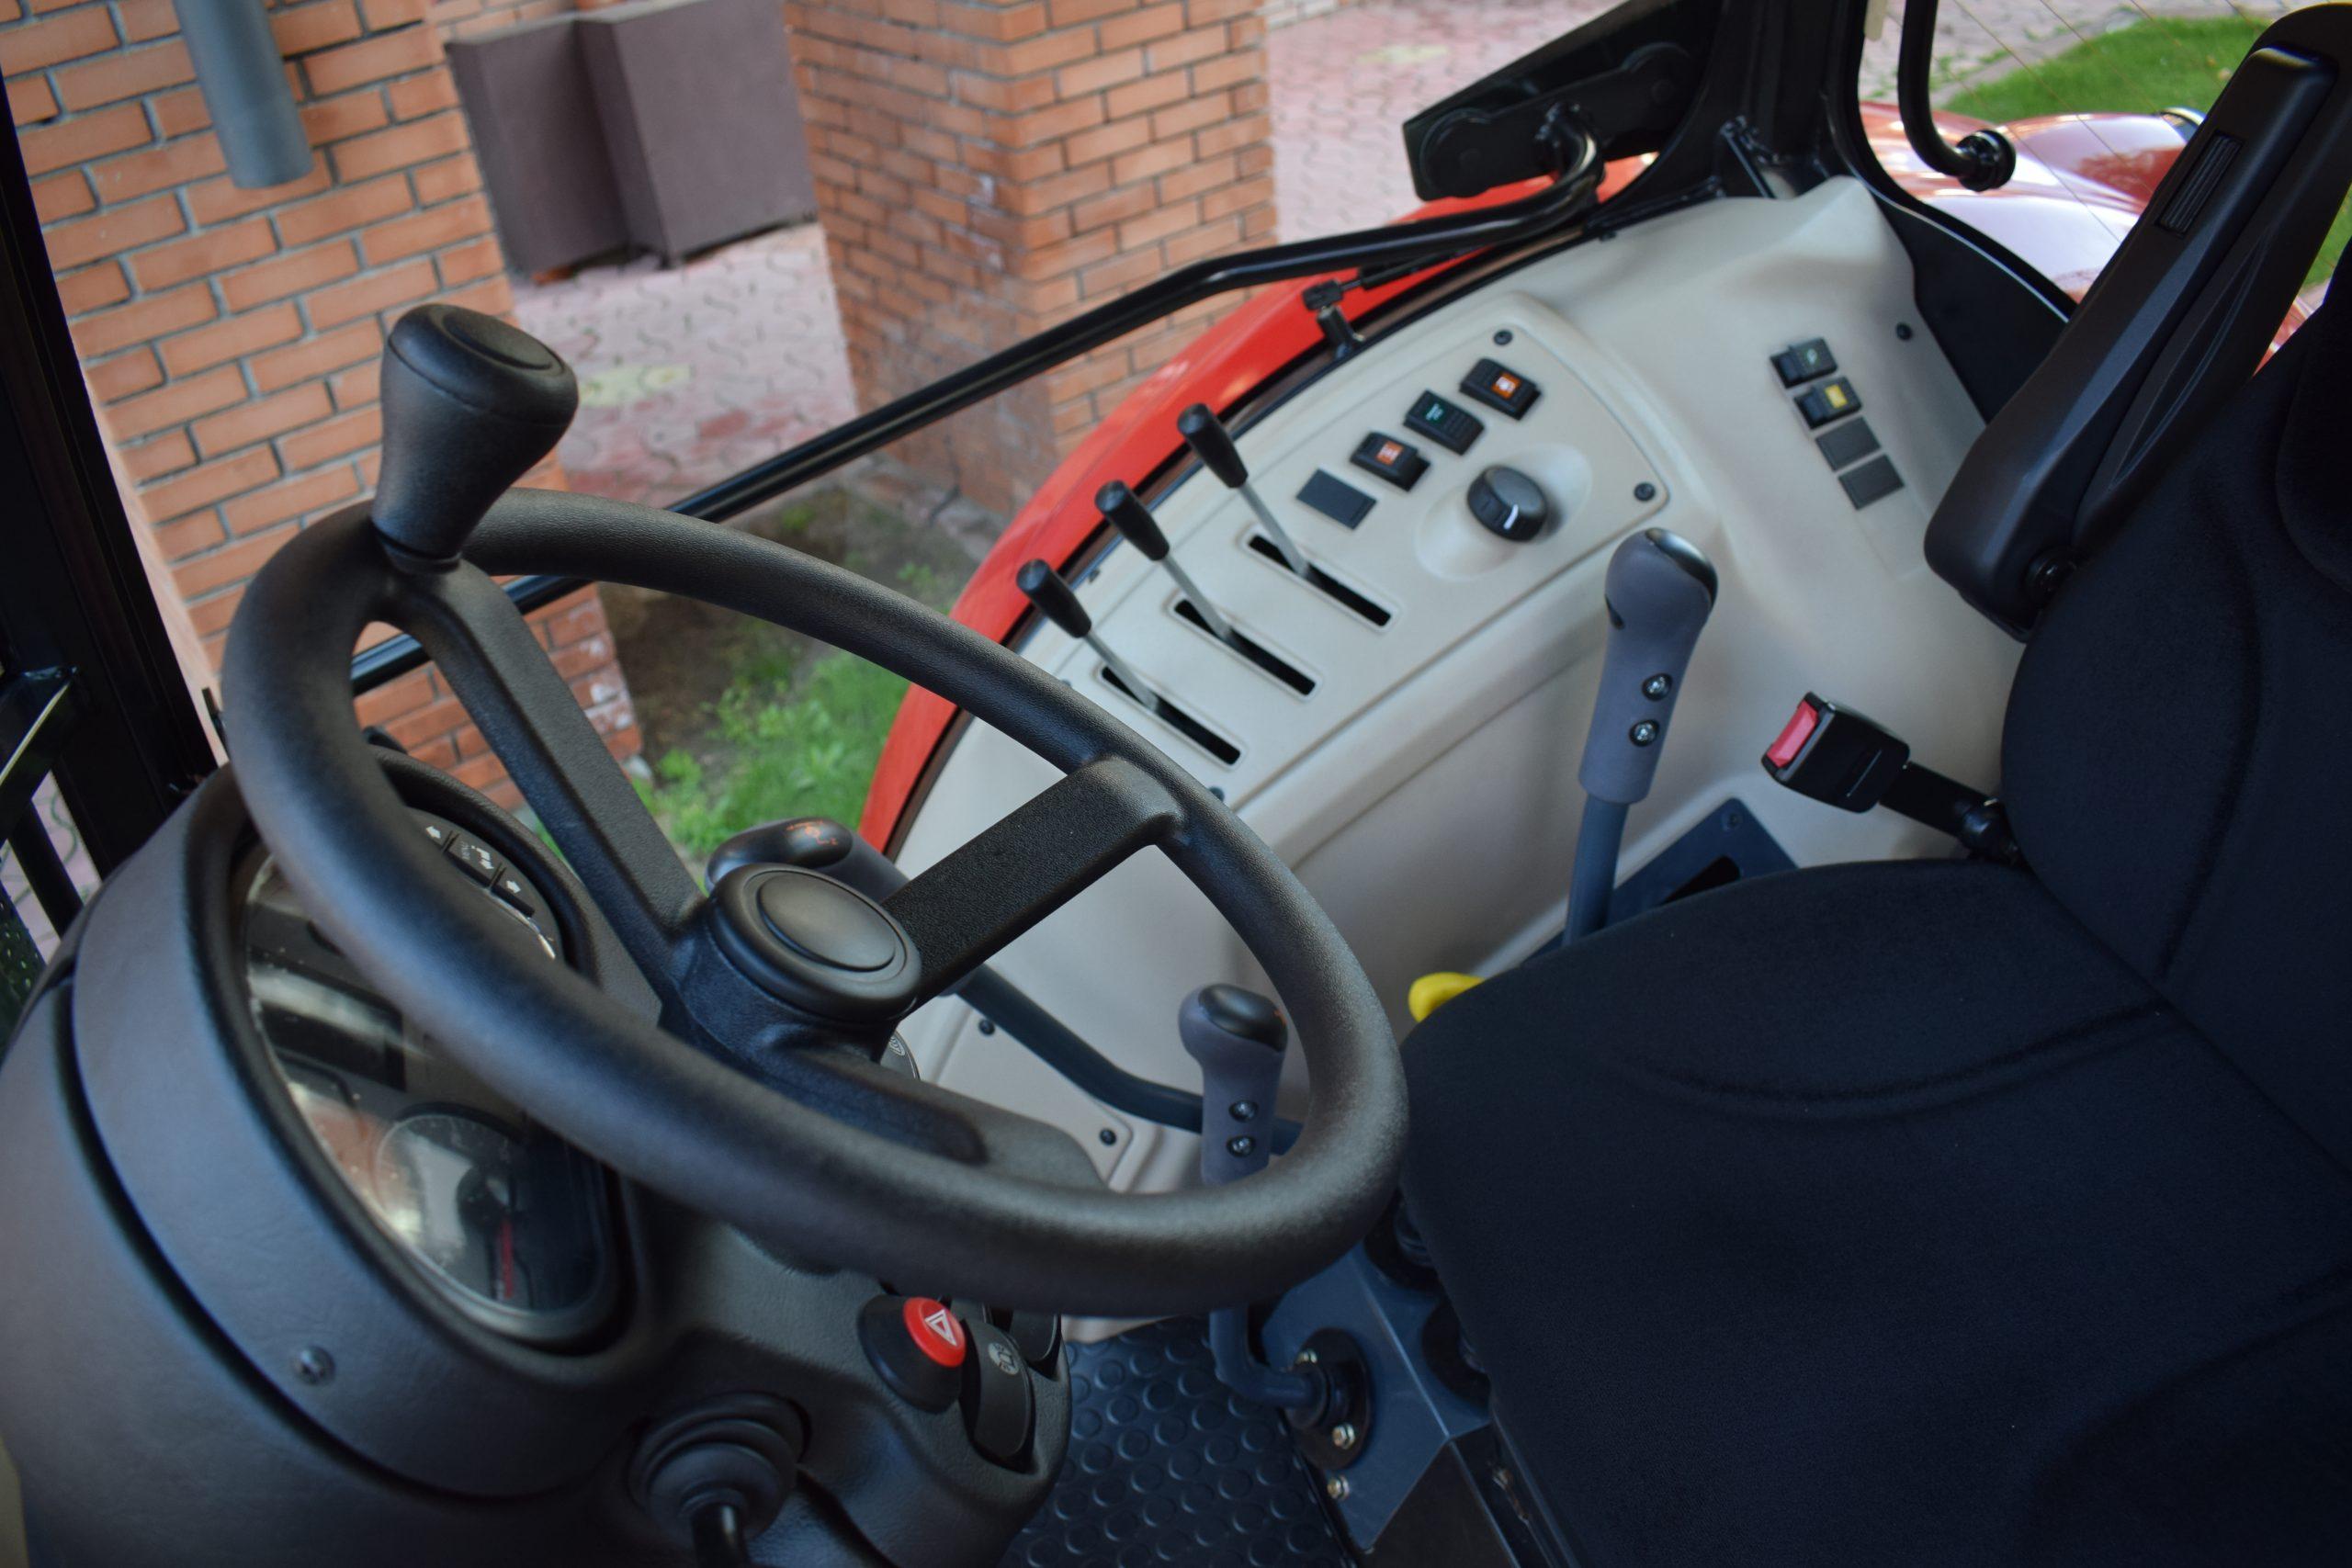 Tractor romanesc Tagro Irum interior